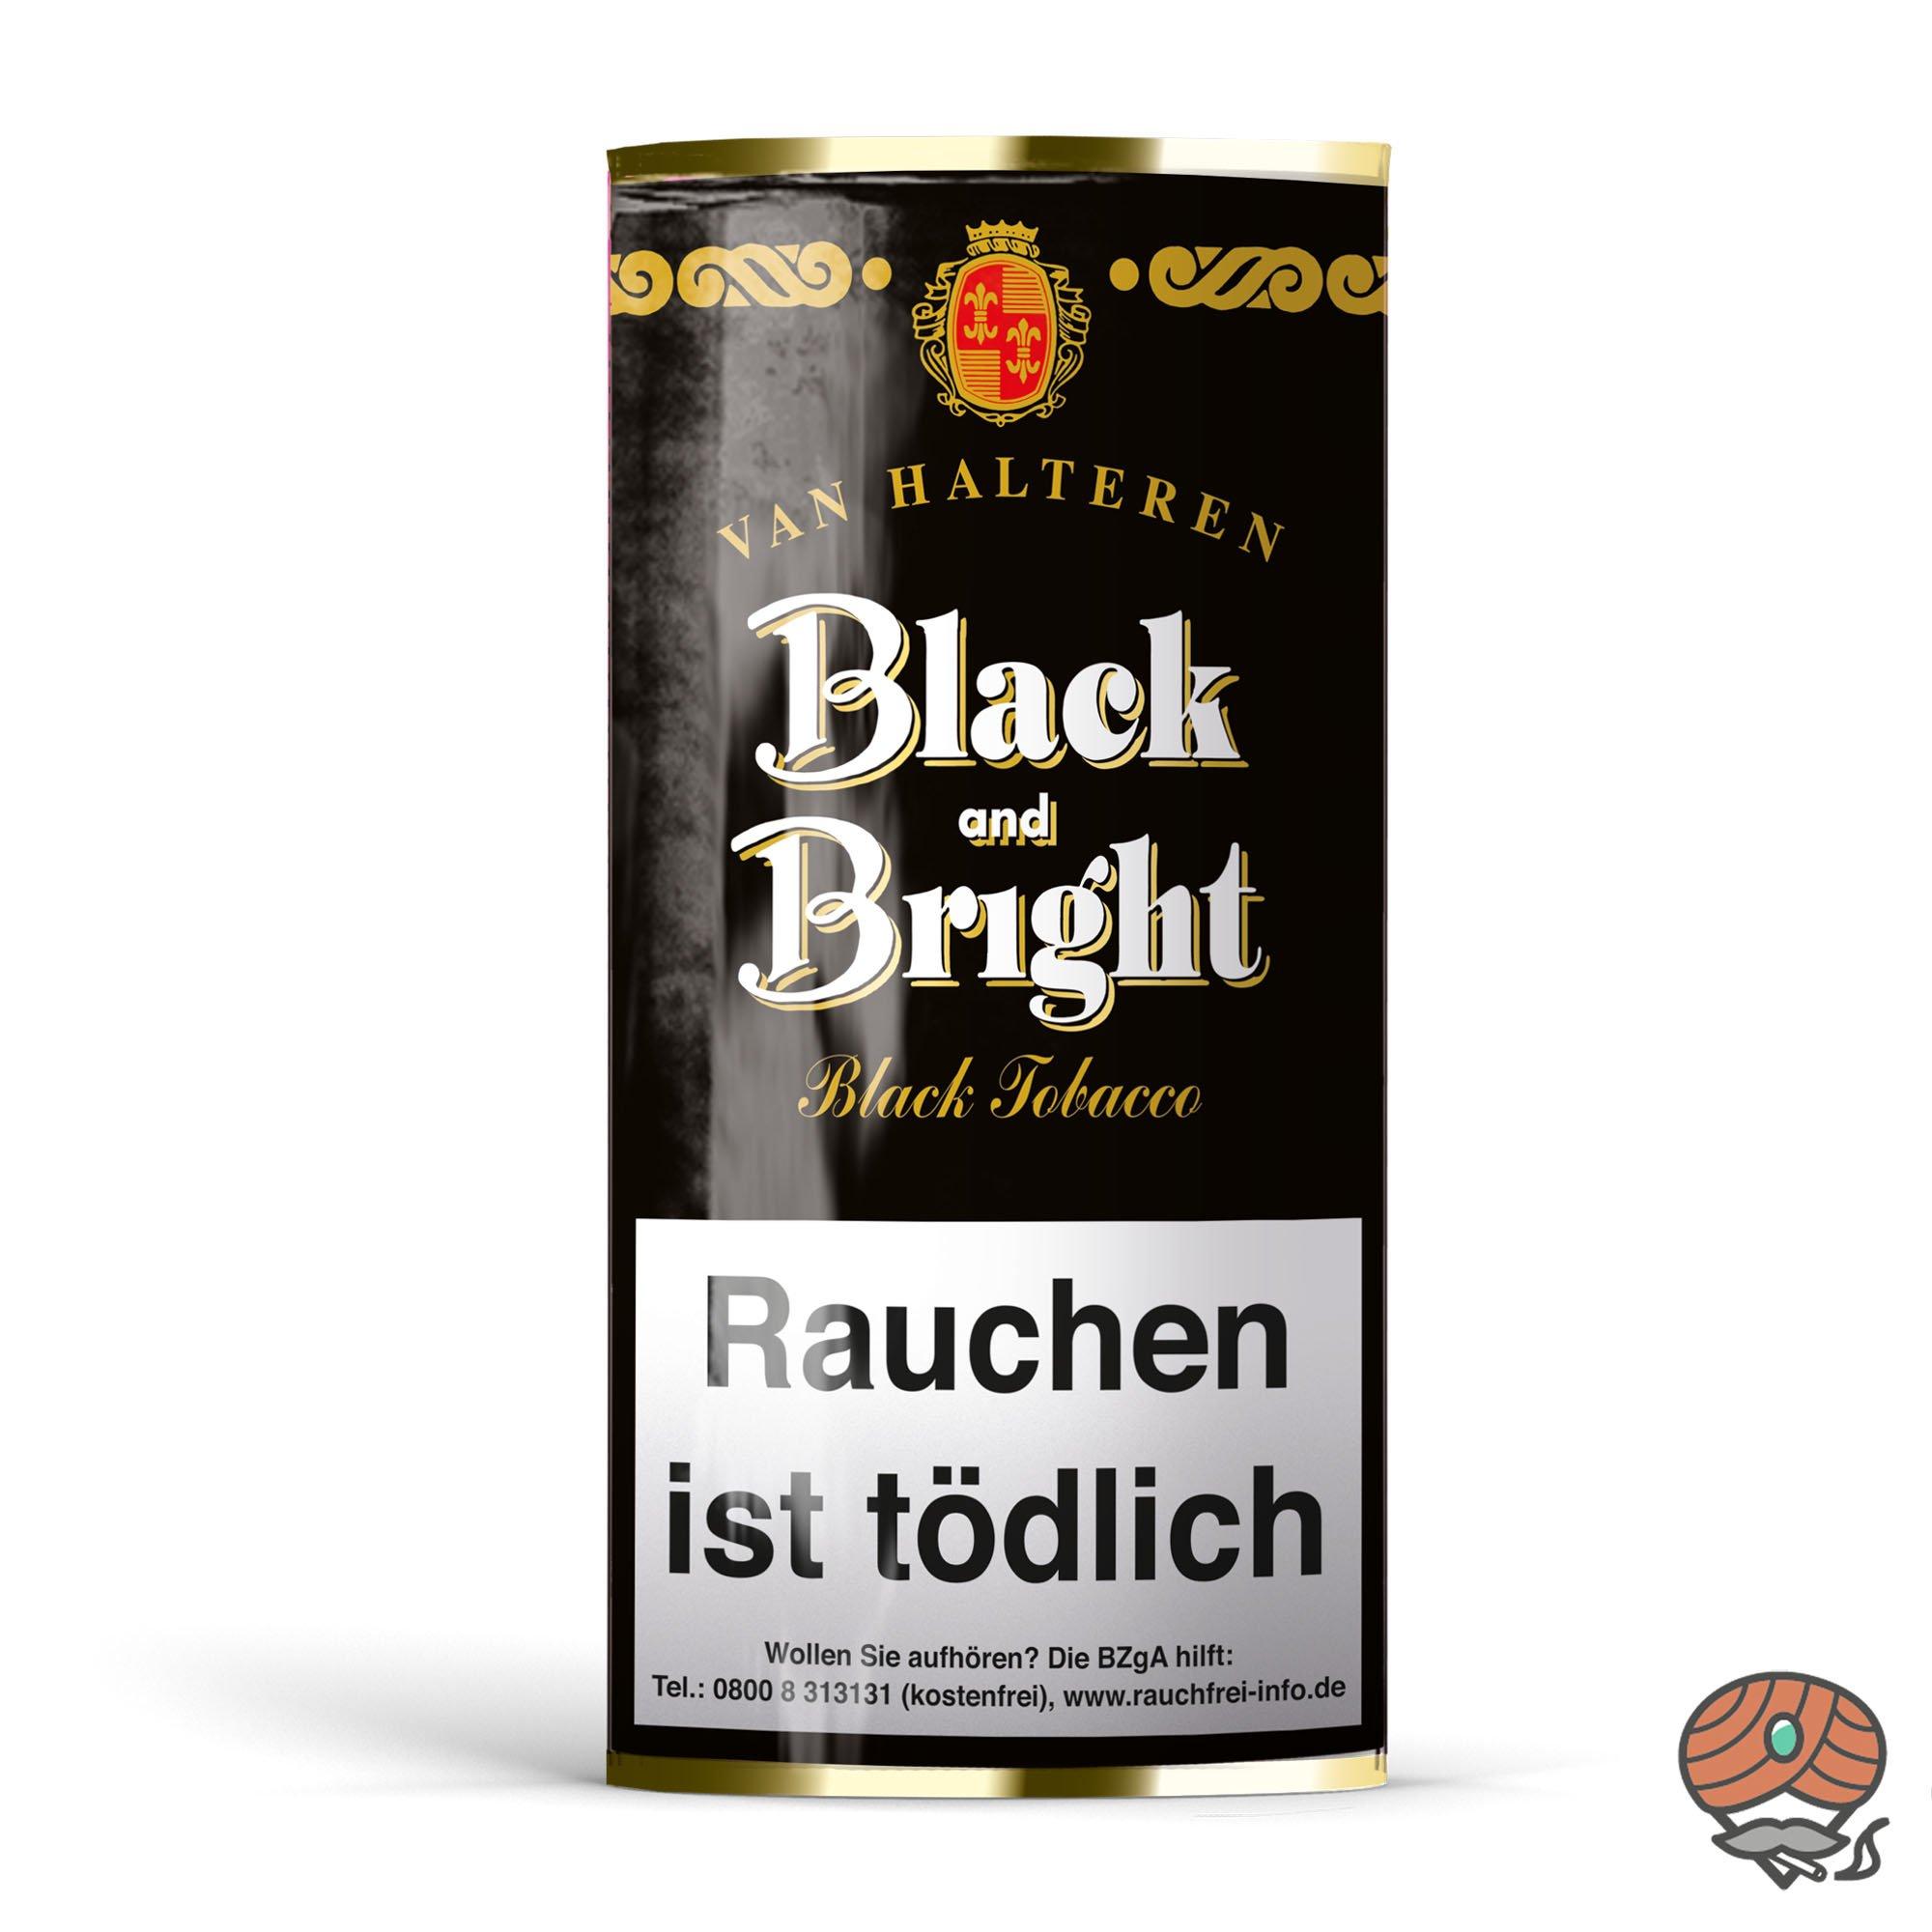 Van Halteren Black and Bright Pfeifentabak 50g Pouch